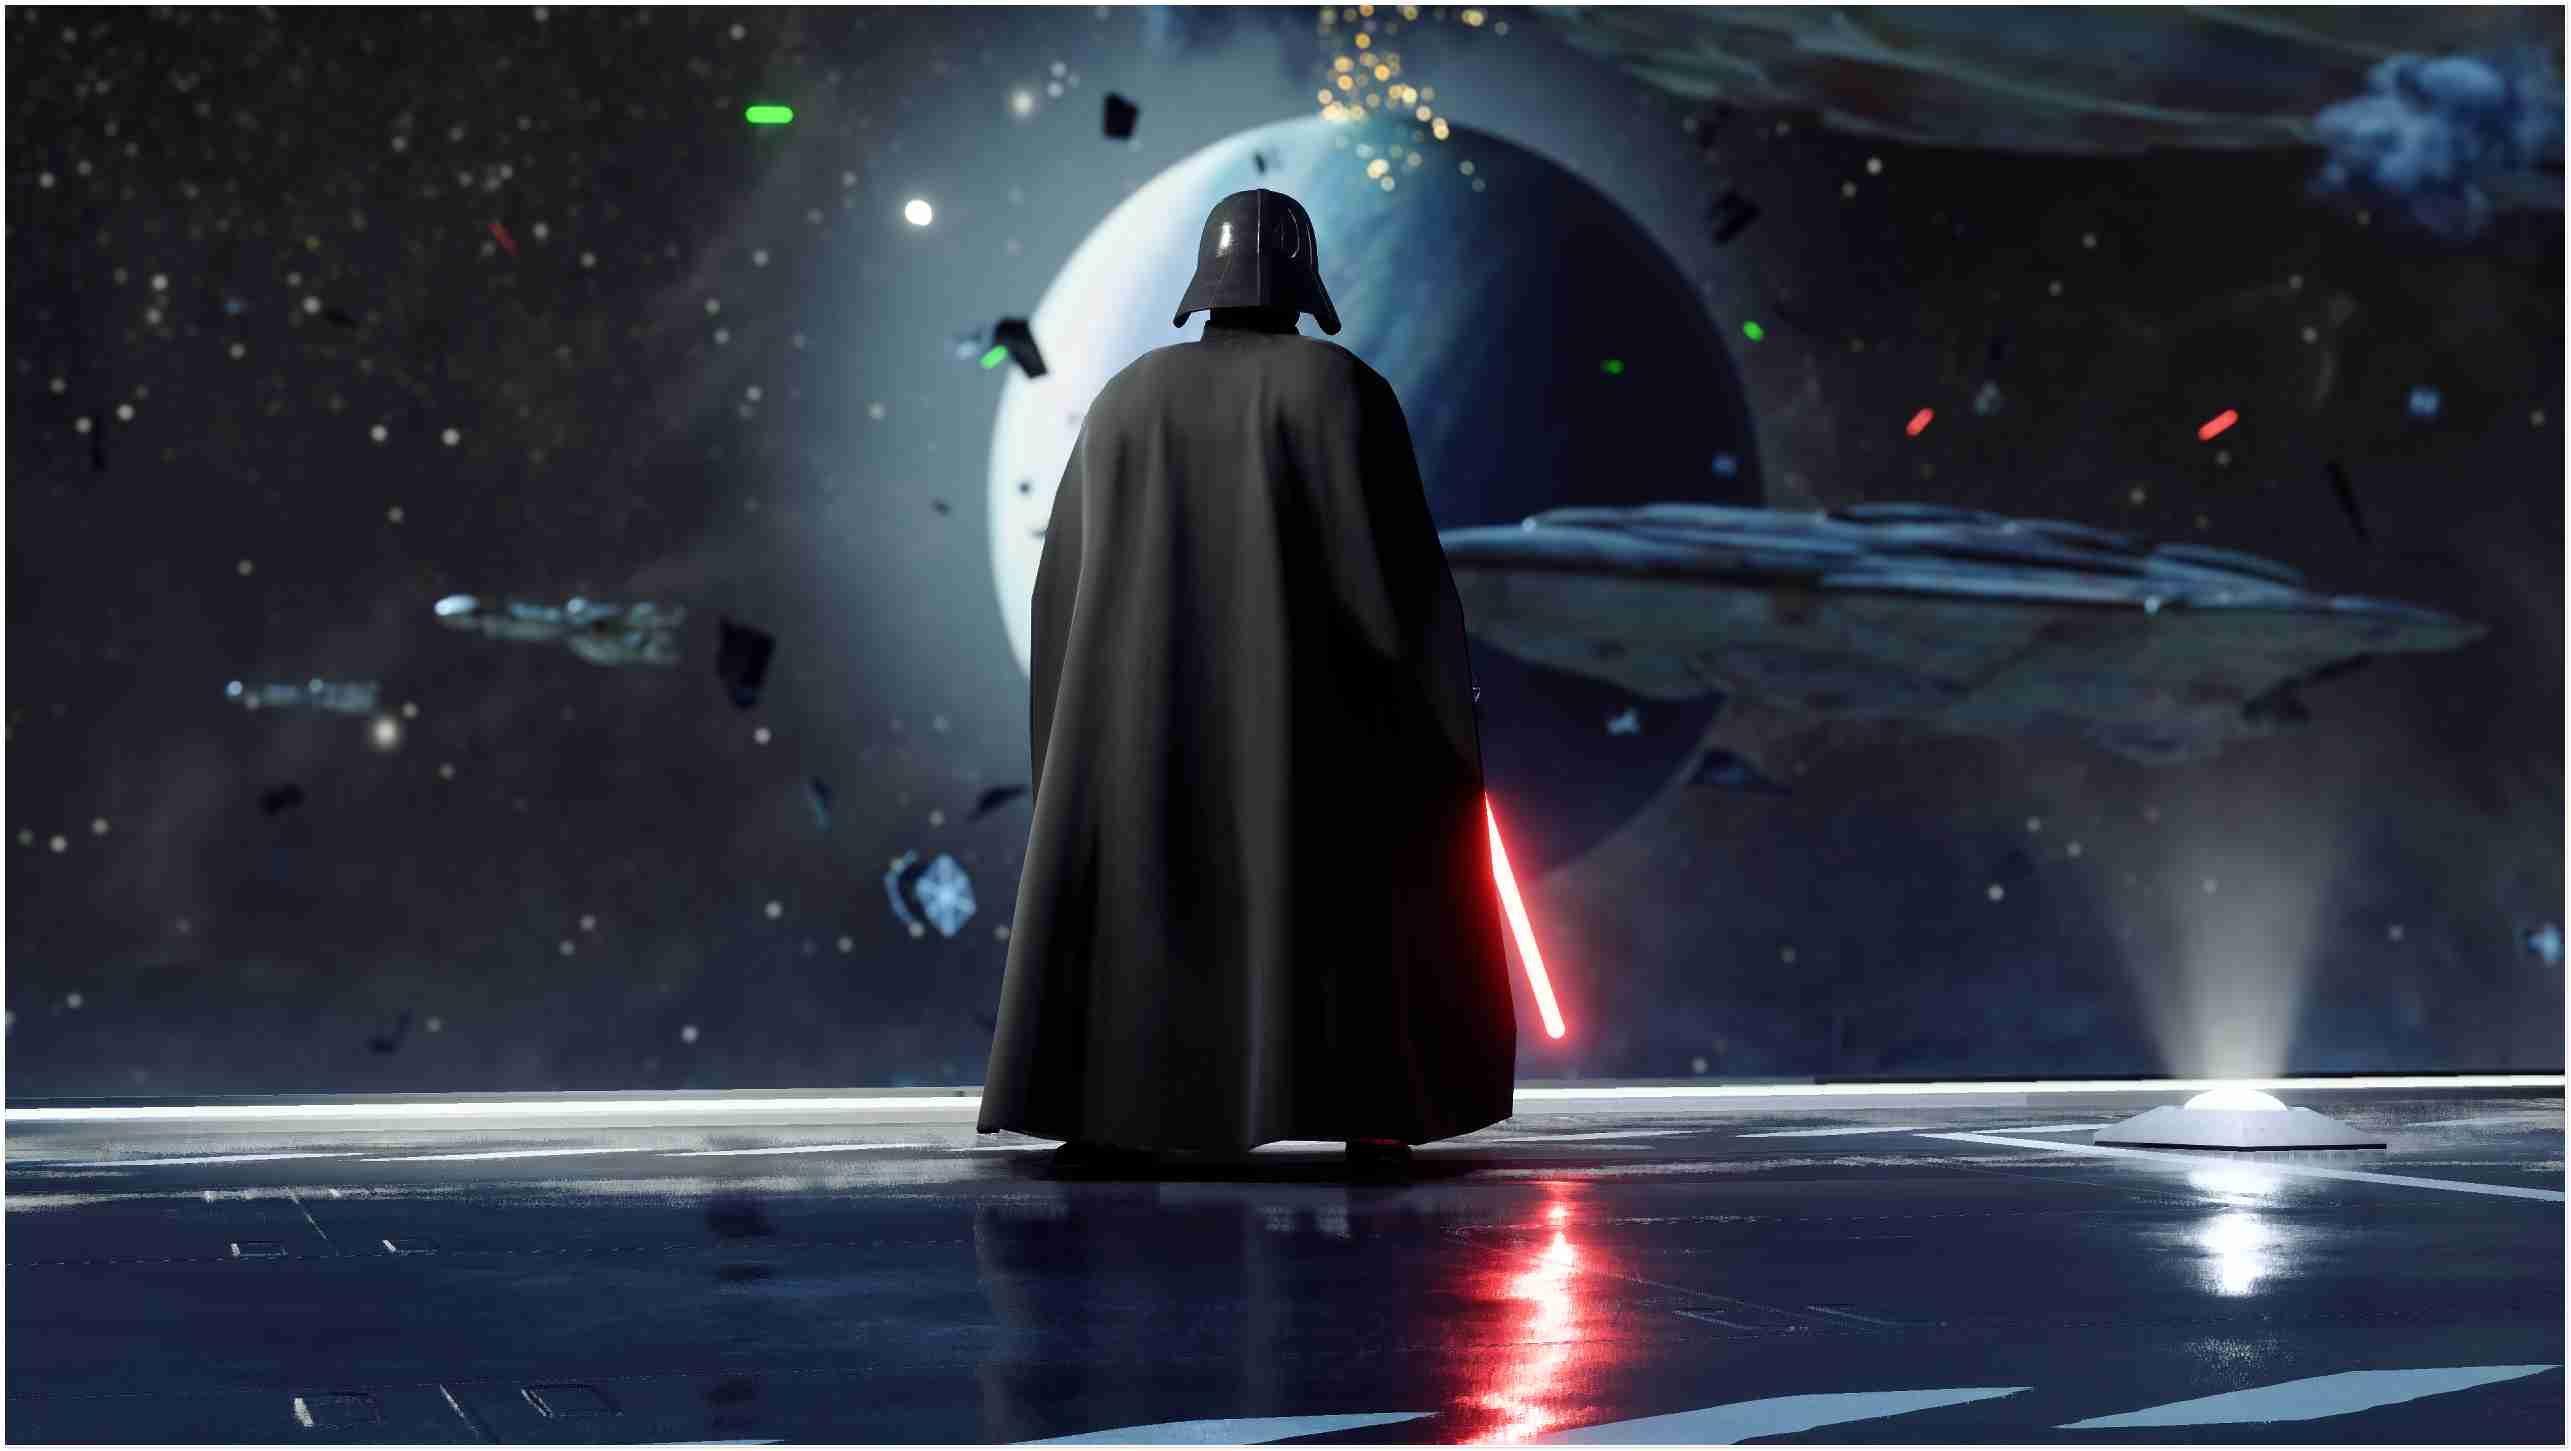 Best 21 Darth Vader Wallpapers Darth Vader Wallpaper Darth Vader 4k Wallpaper Star Wars Wallpaper